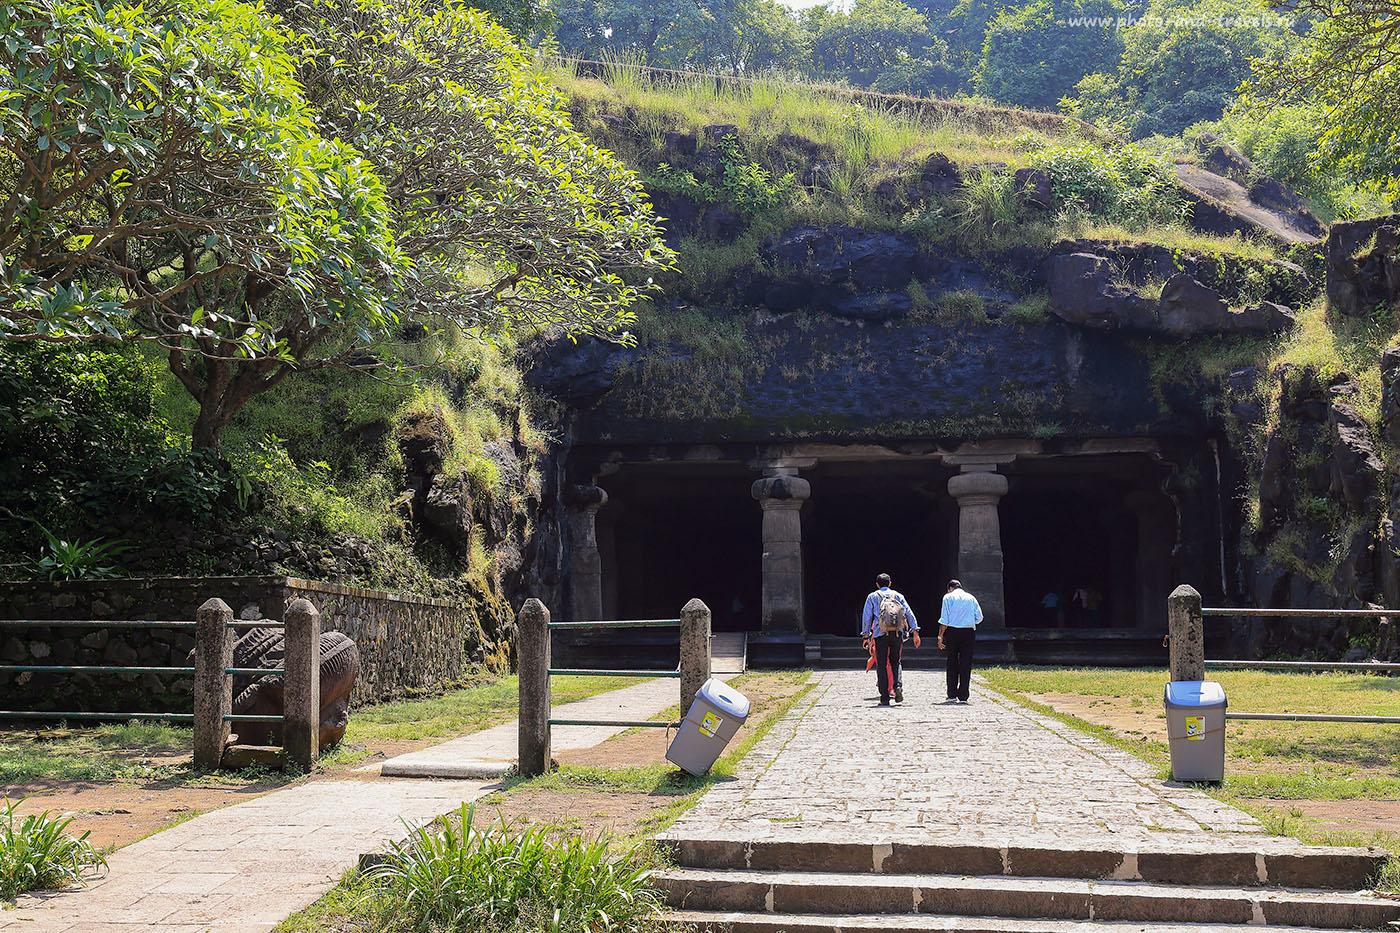 7. Вход в главную пещеру. Отзыв о самостоятельной экскурсии на остров Элефанта в Мумбаи. Путешествия по Индии. (24-70, 1/60, -1eV, f9, 35 mm, ISO 100)